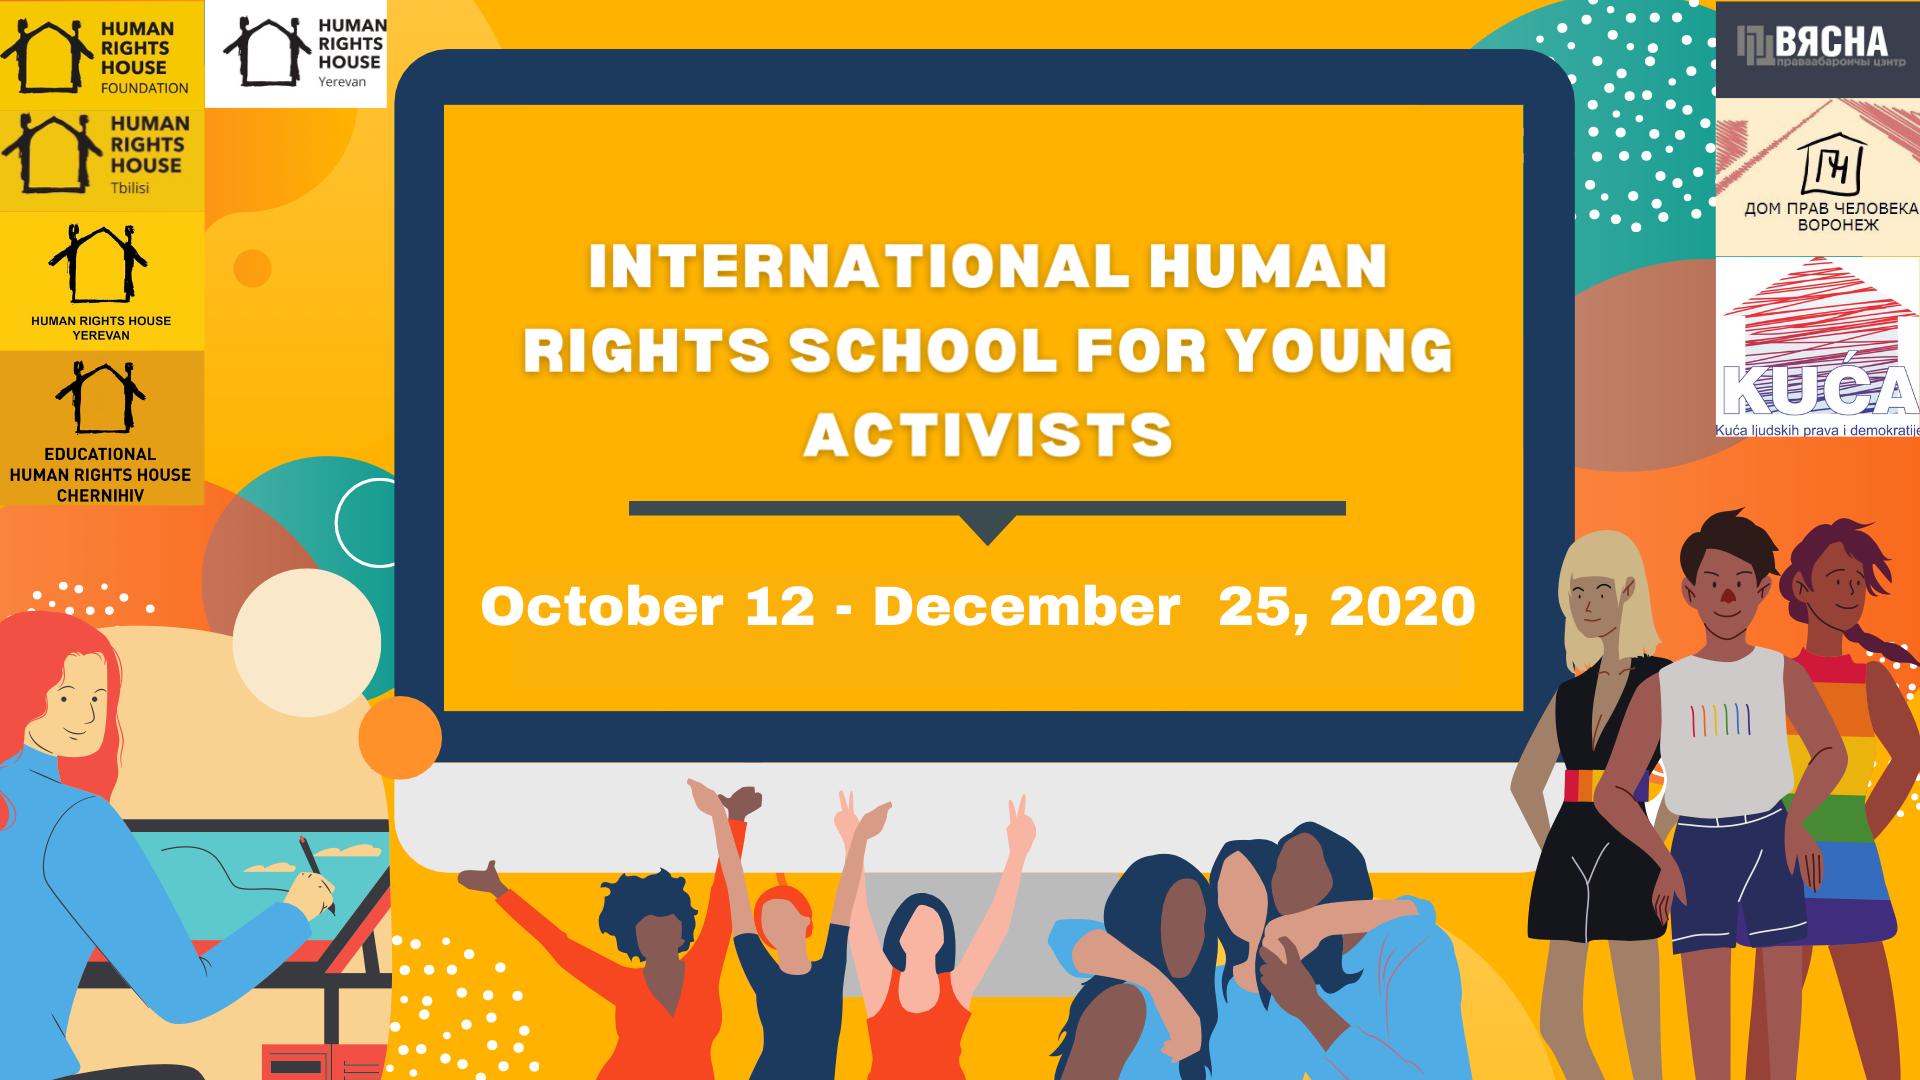 Реєстрація на Міжнародну Школу з прав людини для молодих активістів